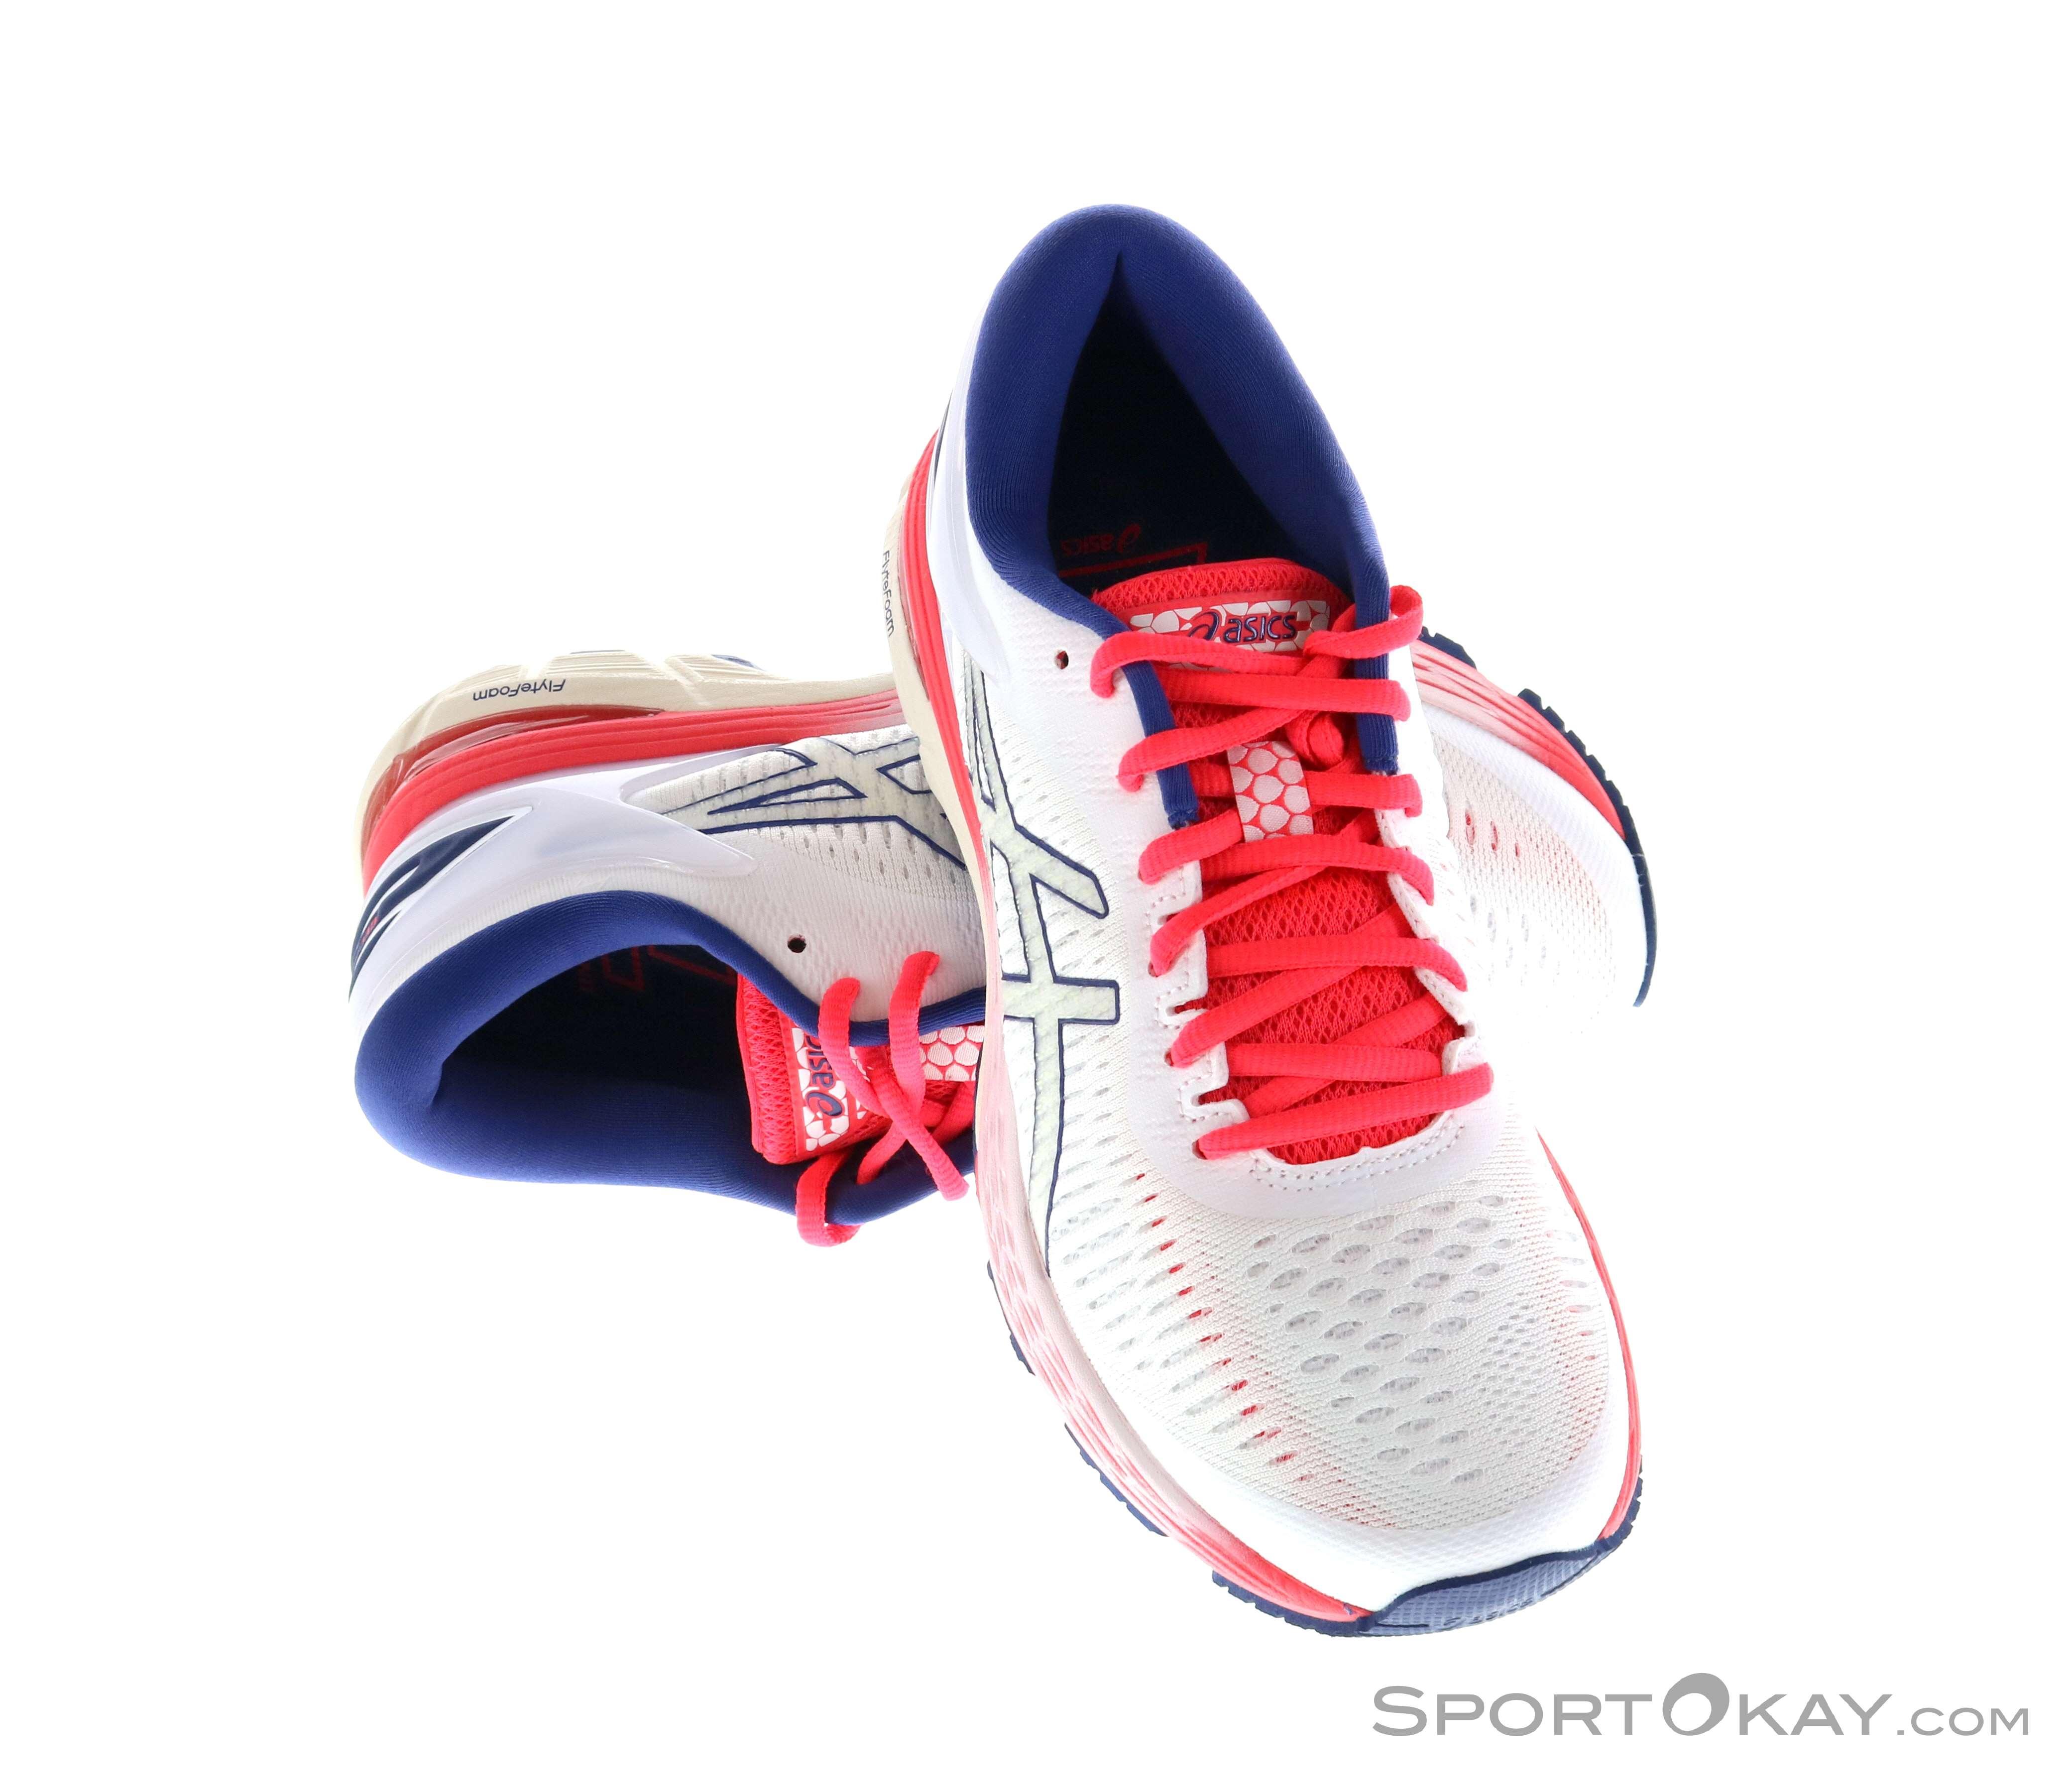 Asics Gel Kayano 25 2019 weiss Laufschuhe Damen Asics in